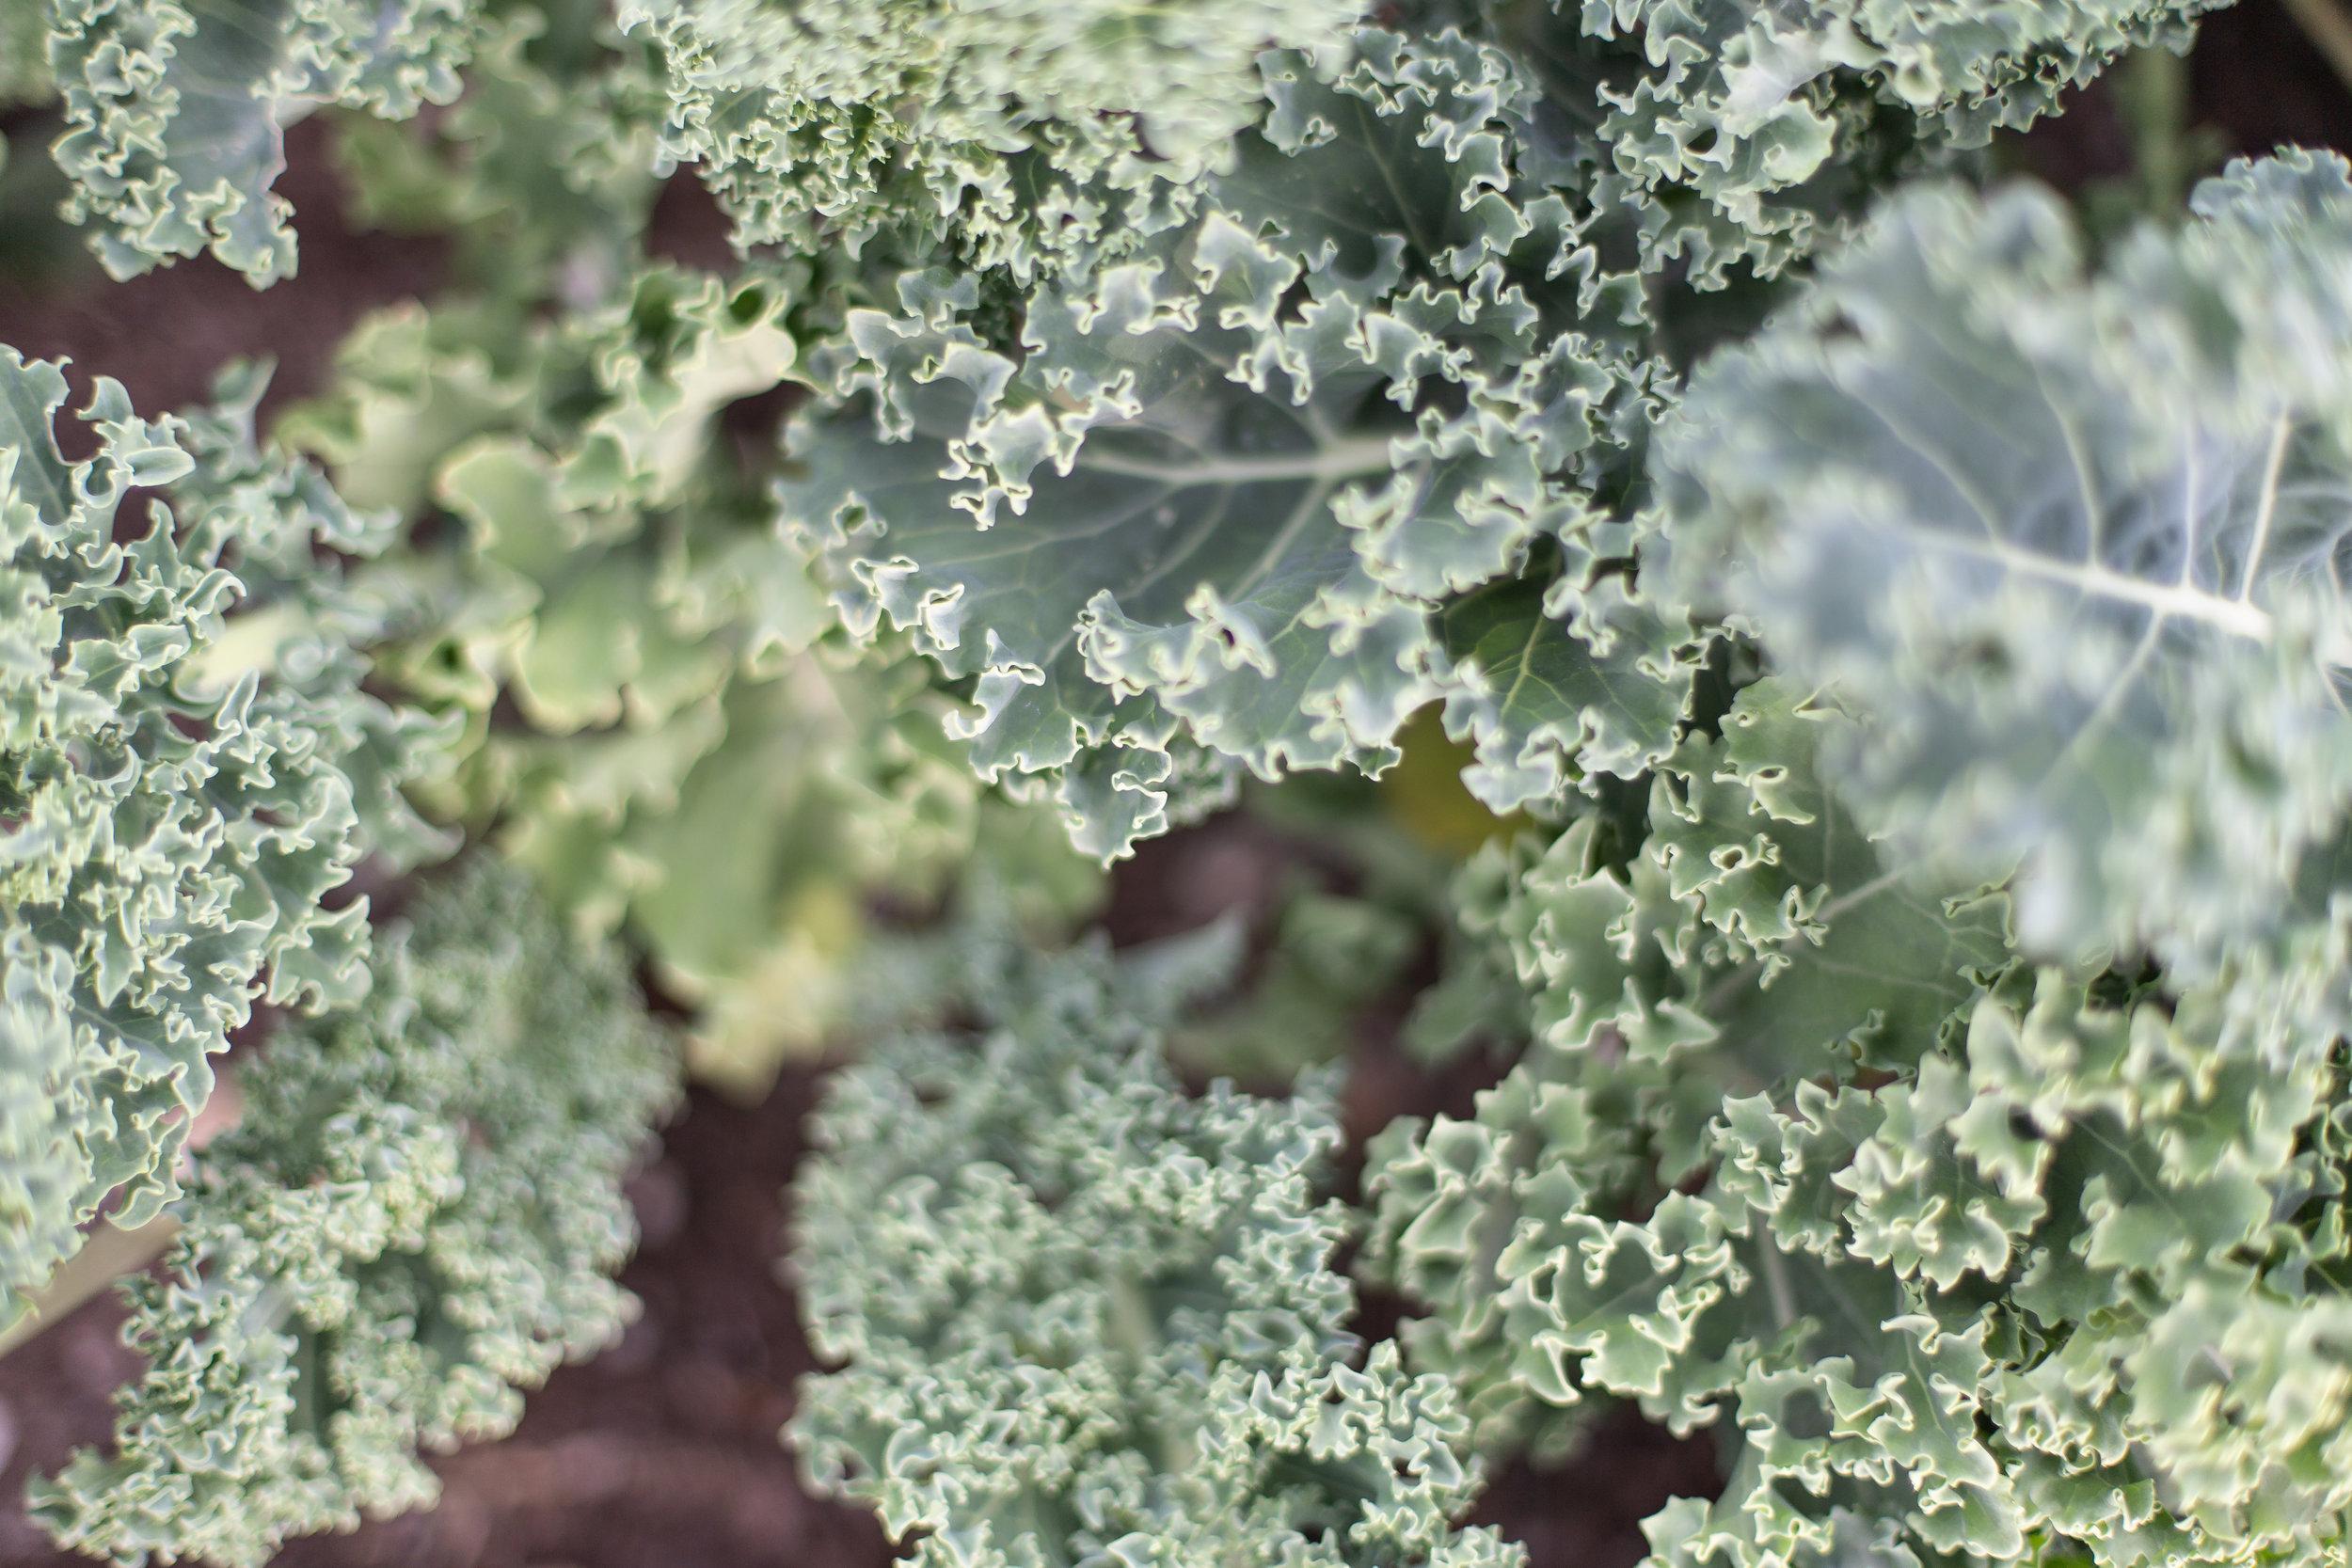 PlantsandFlowers-64.jpg